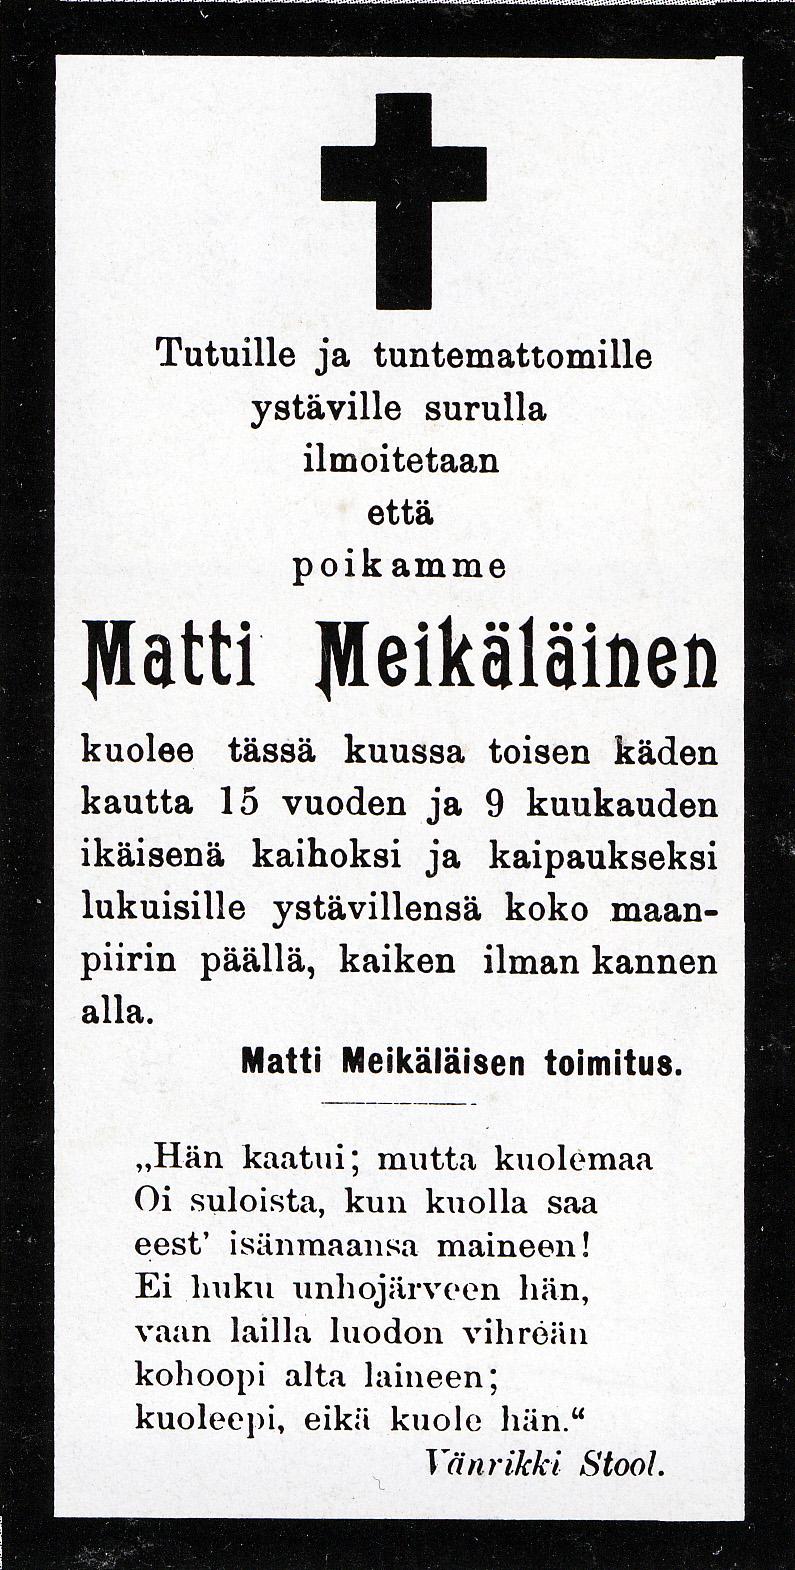 File matti meik l inen 39 s death wikimedia commons for Death summary template